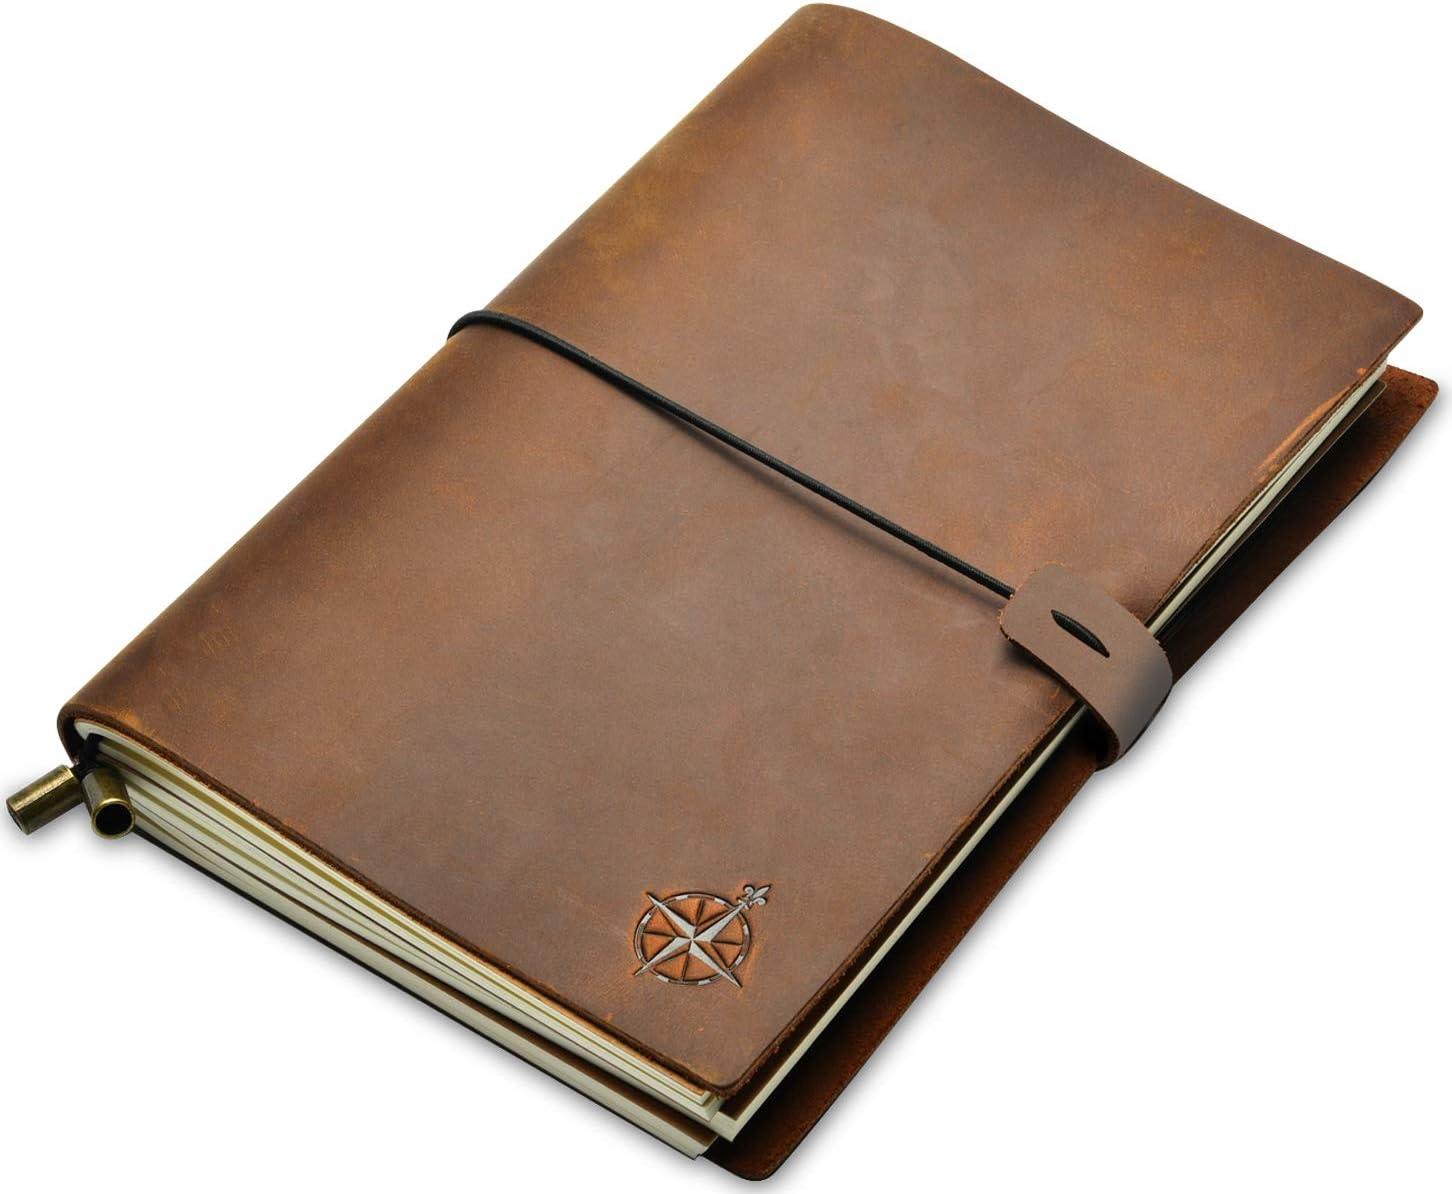 Wanderings Cuaderno de Cuero - A5 Cuaderno de Viaje Rellenable | Libreta de Cuero Perfecto para Escritura, Poesía, Viajes, como Diario | Insertos en Blanco | Diario de Cuero | 22x15cm A5